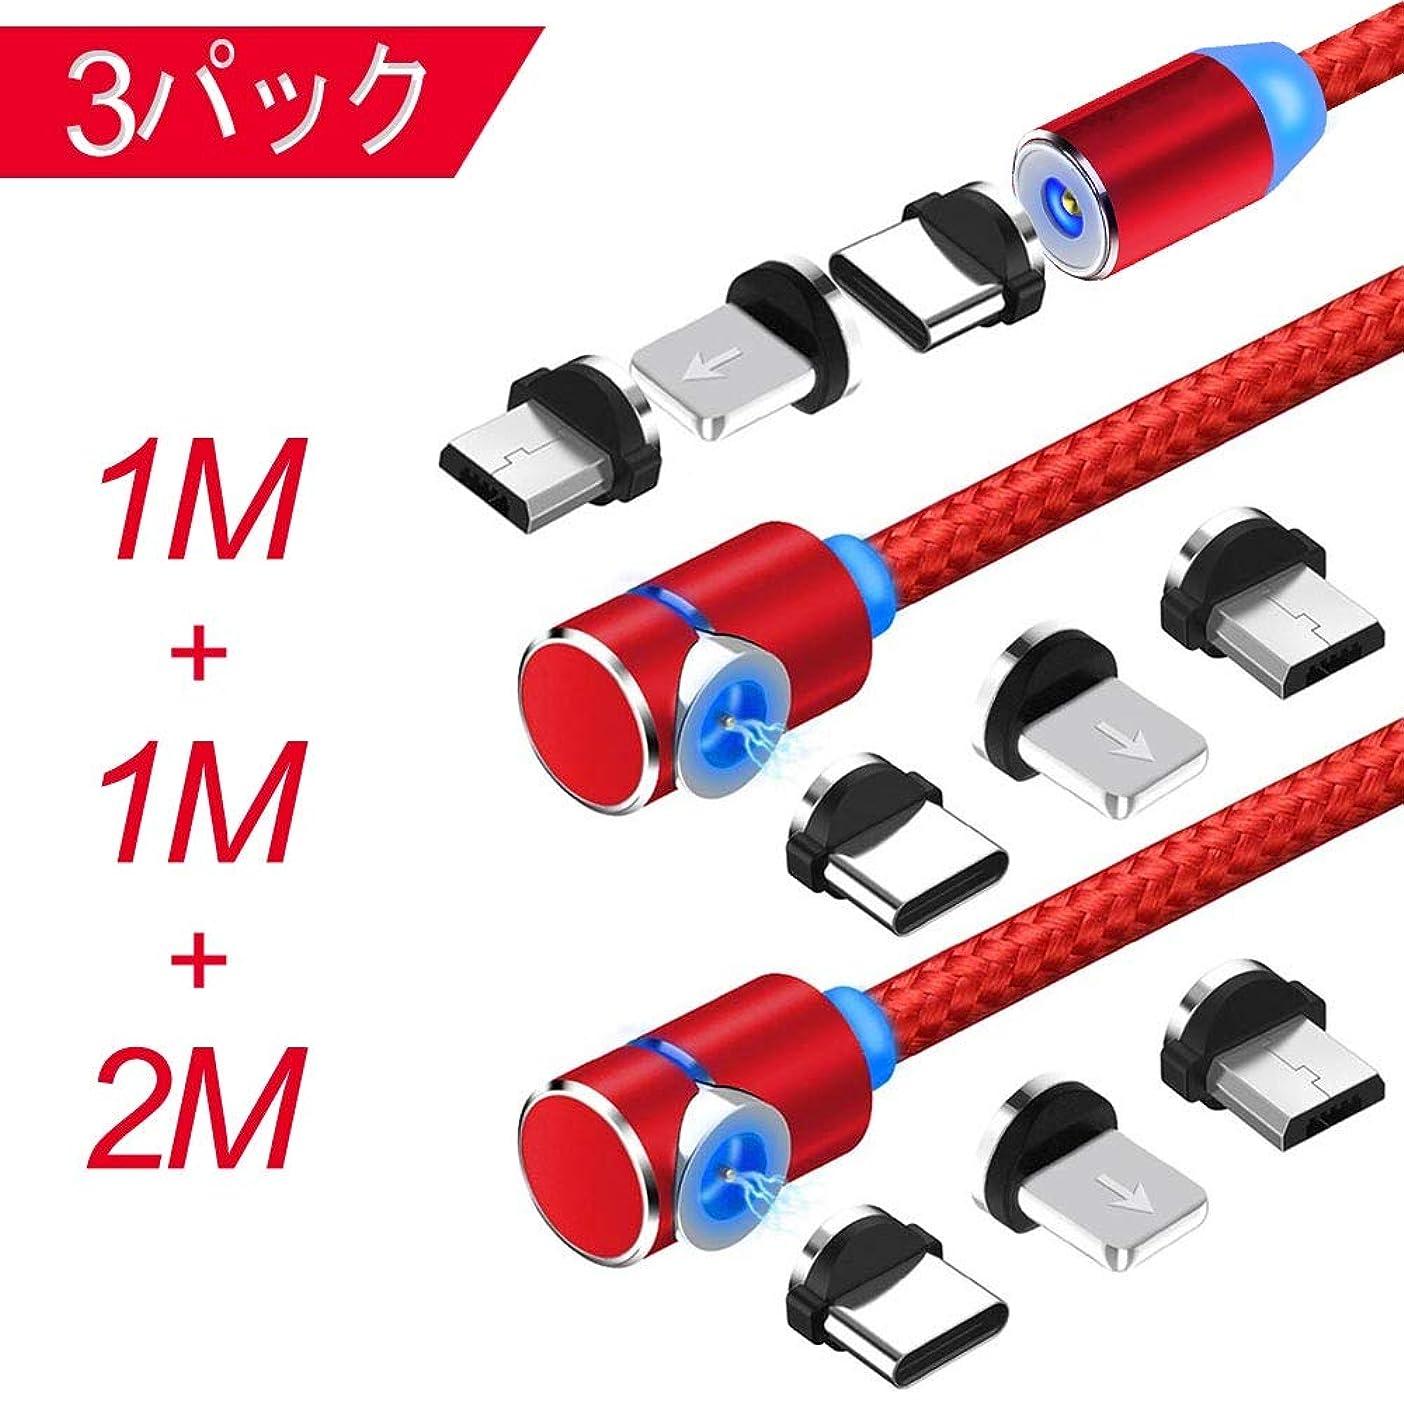 見落とすフィードバック勃起マグネット式 充電ケーブル,3in1 充電ケーブル,L字型 USBケーブル, 360度回転,3パック(1M+1M+2M)(レッド)